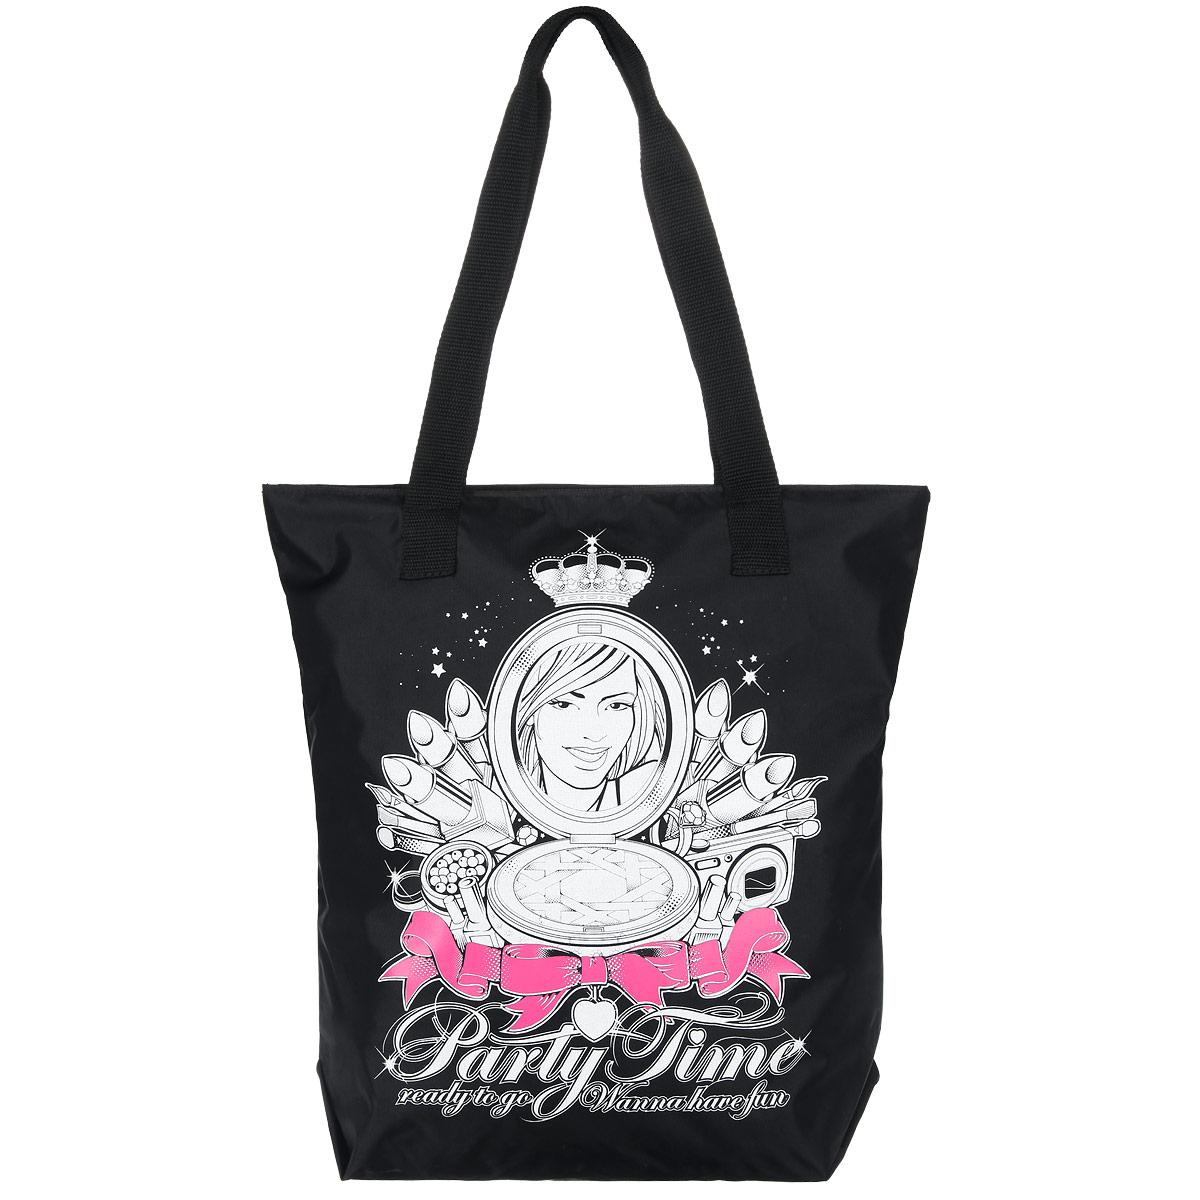 Сумка женская Antan Party time, цвет: черный, белый, розовый. 1-58S76245Стильная женская сумка Wild Fashion выполнена из плотного материала (полиэстера) и оформлена оригинальным принтом.Изделие имеет одно вместительное отделение, закрывающееся на застежку-молнию. Внутри расположен накладной карман на застежке-молнии.Сумка оснащена двумя удобными ручками, позволяющими носить ее на плече.Сумка - это стильный аксессуар, который подчеркнет вашу изысканность и индивидуальность и сделает ваш образ завершенным.